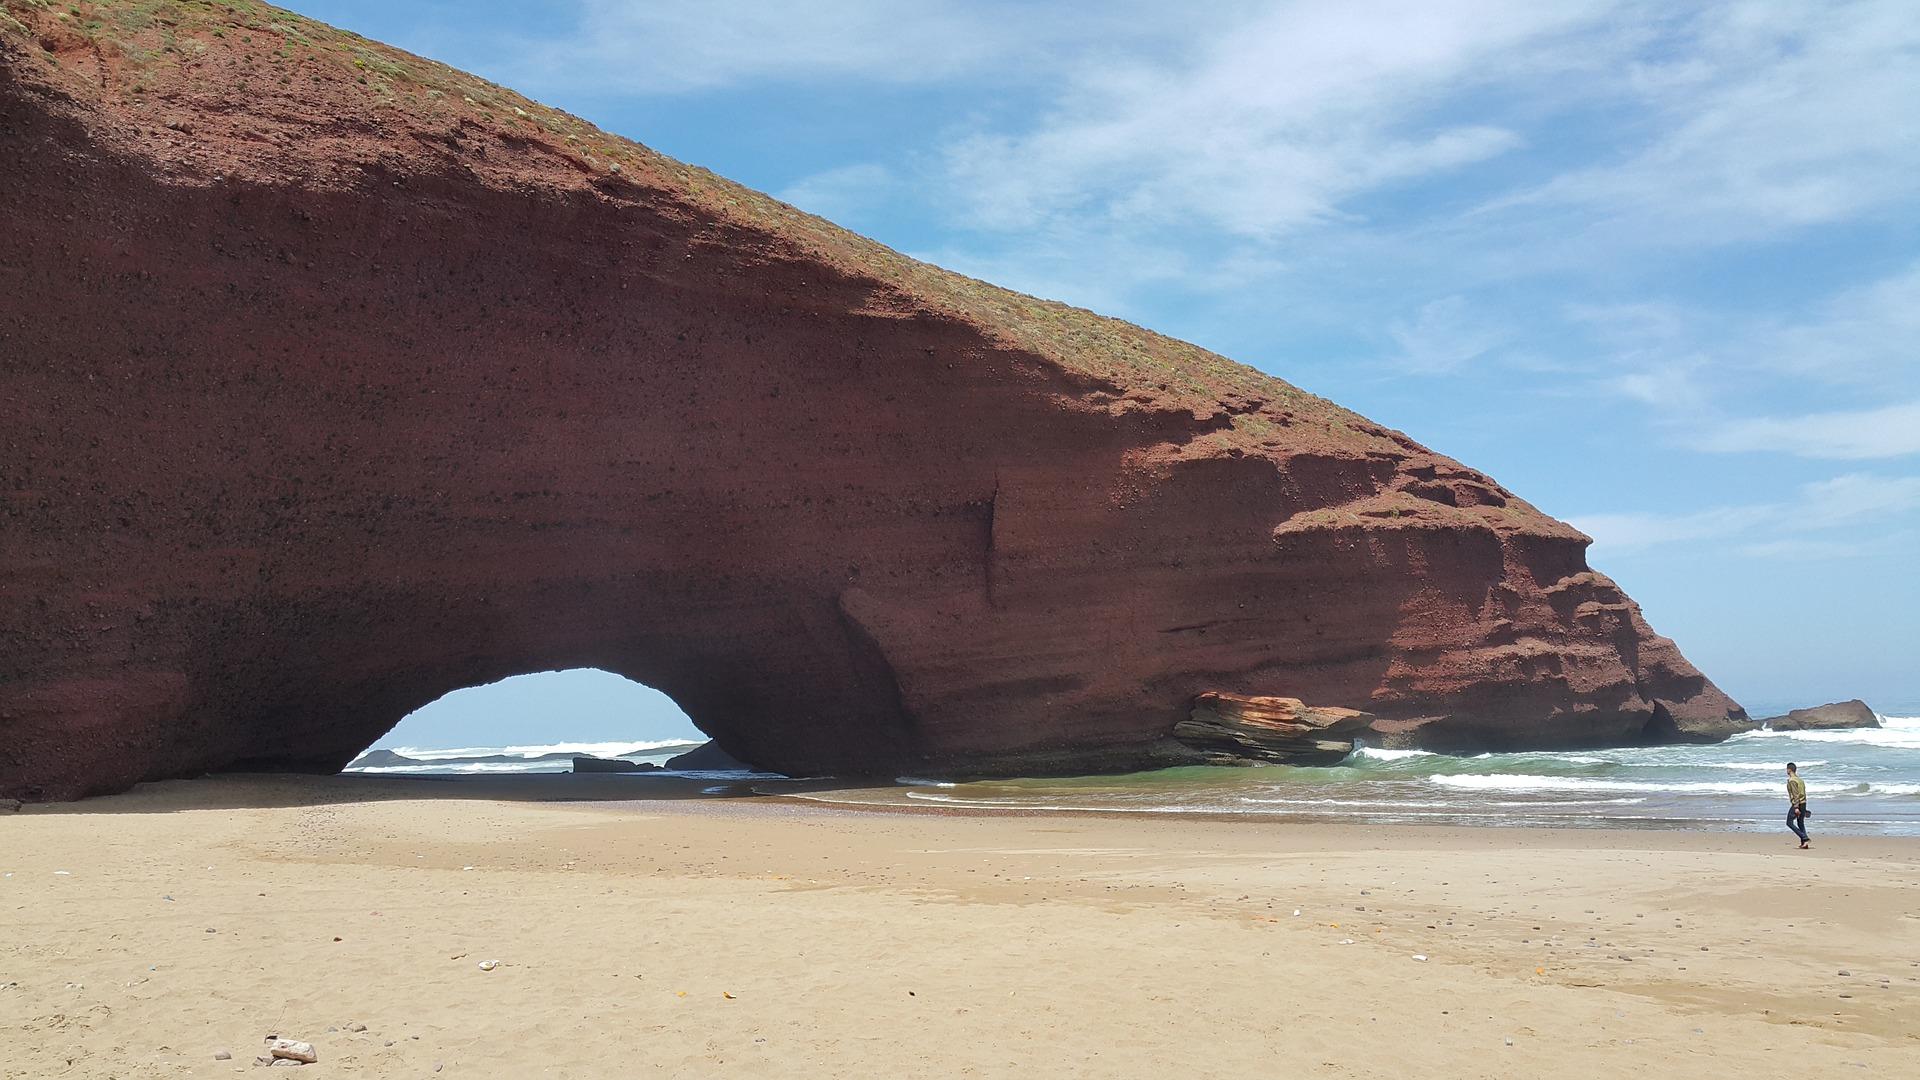 Eine Woche Urlaub in Marokko Agadir günstig buchen ab 105,00€